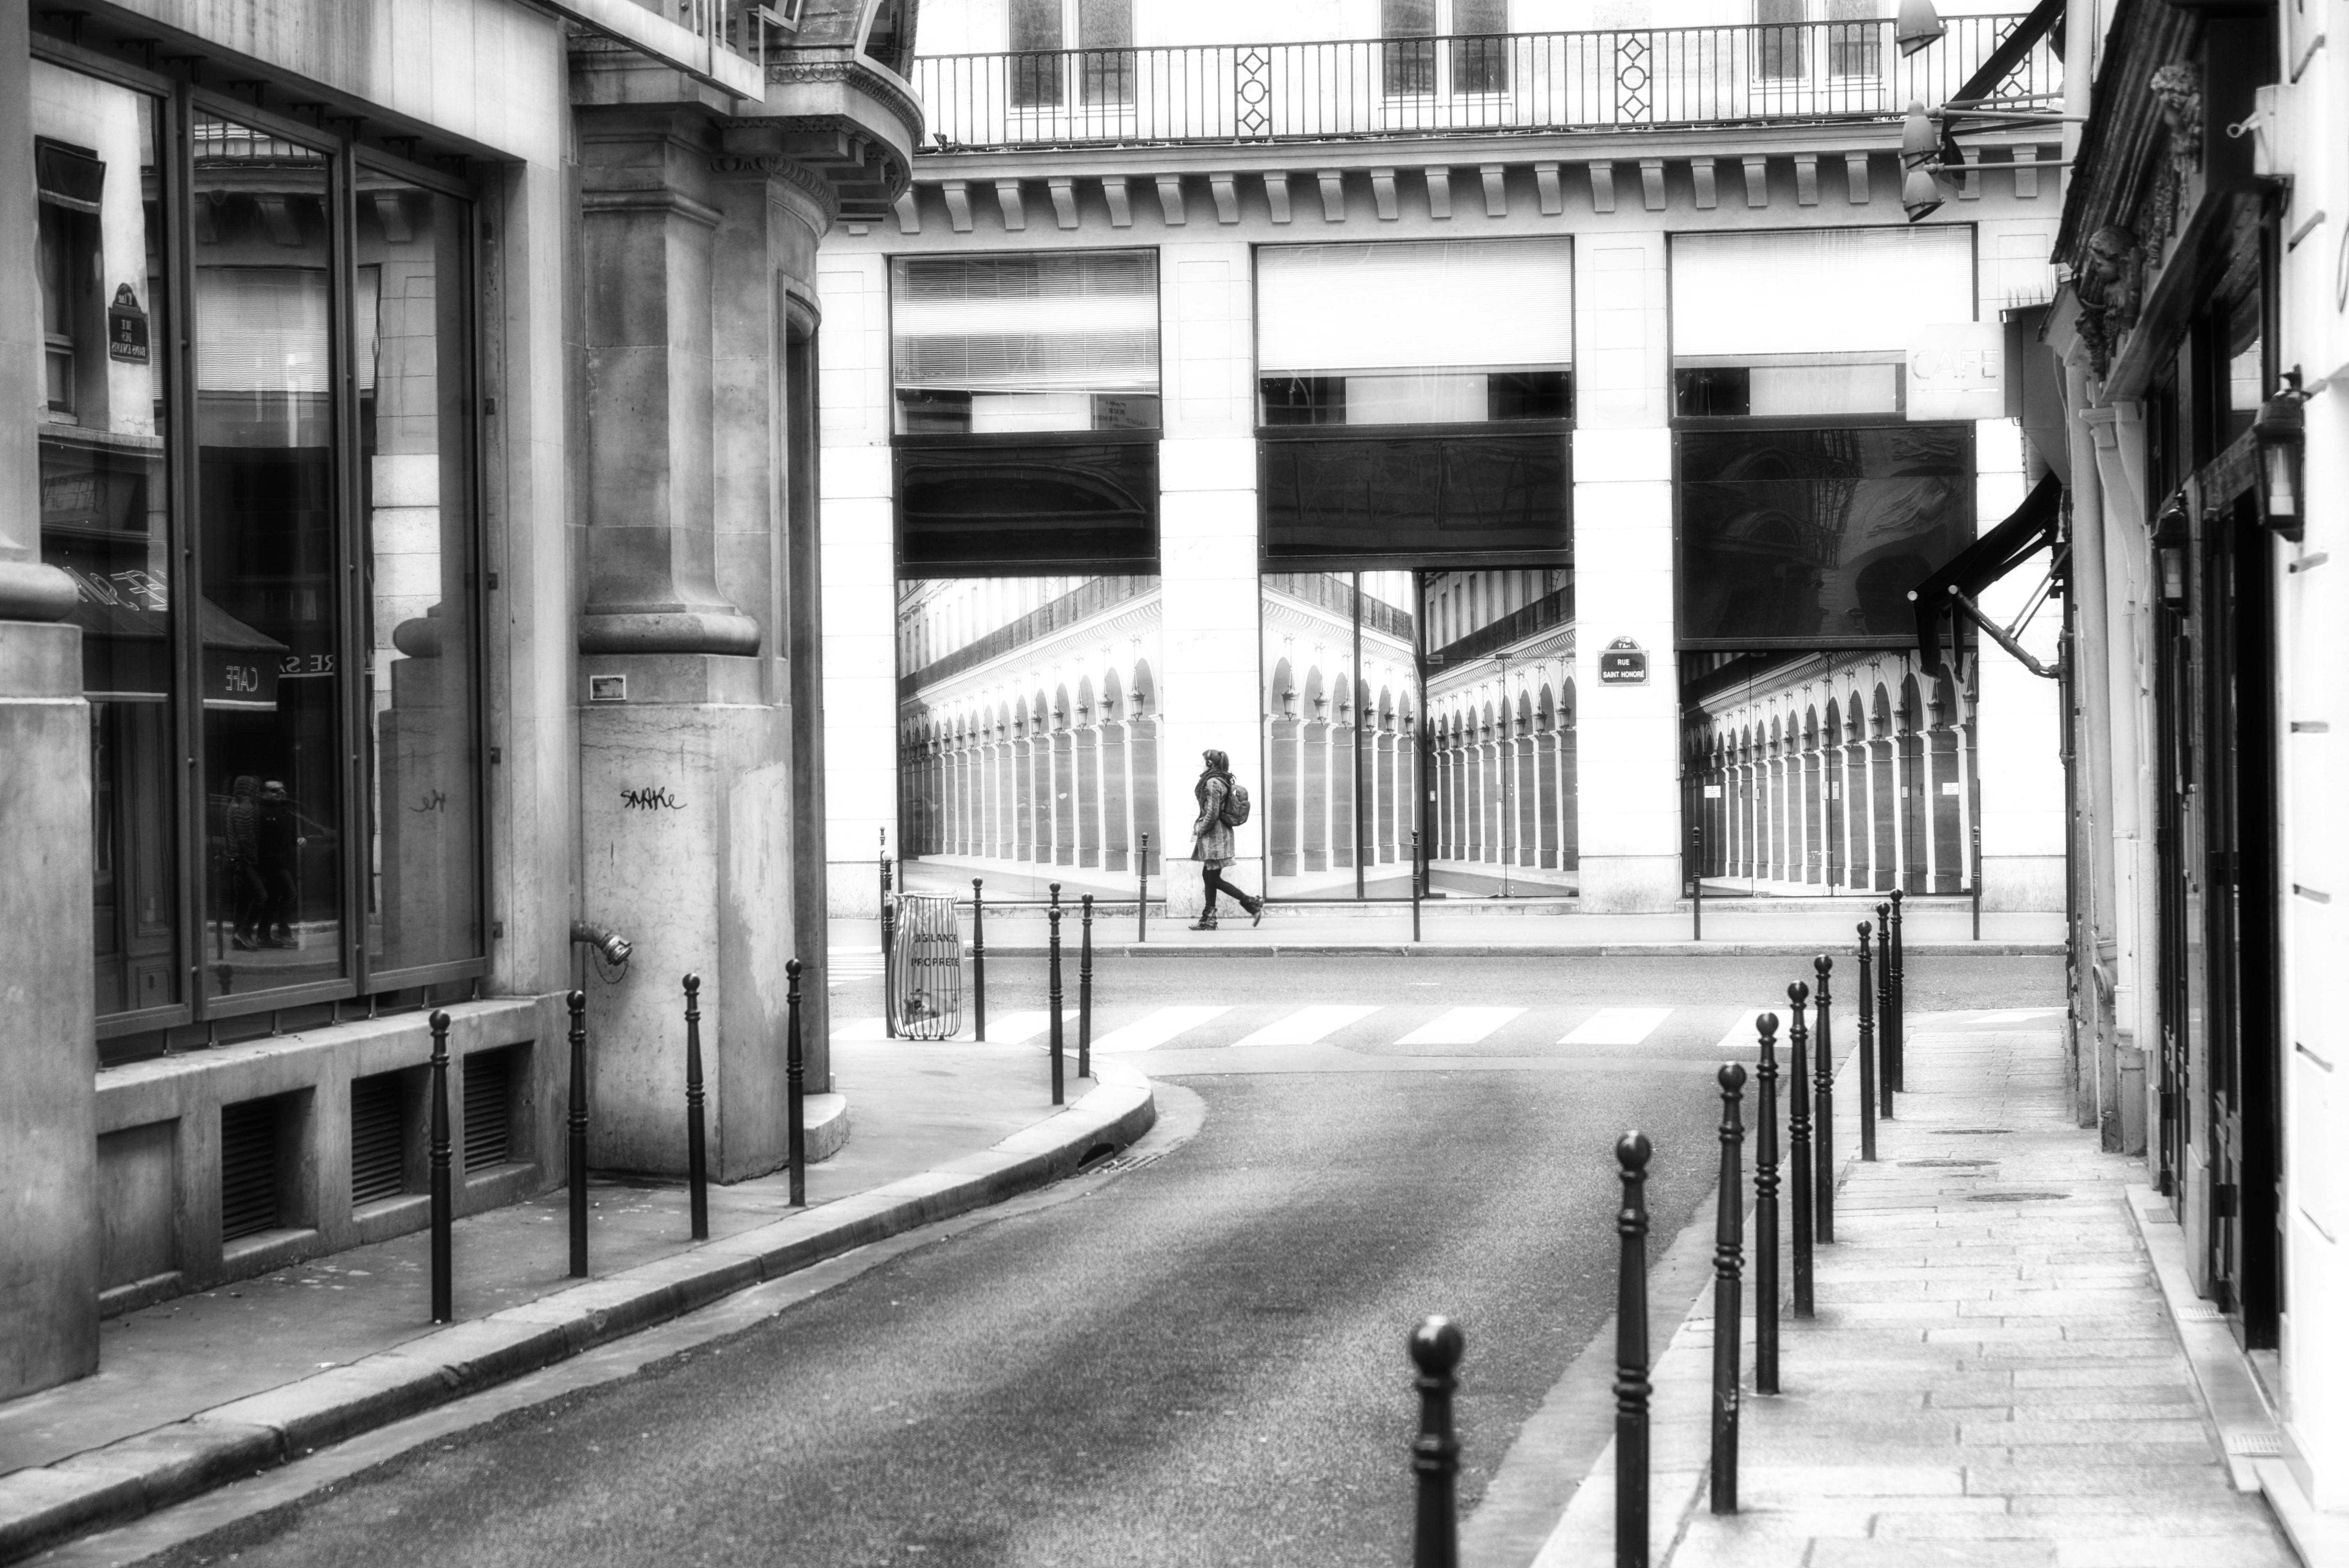 Париж - апрель 2013 - 1